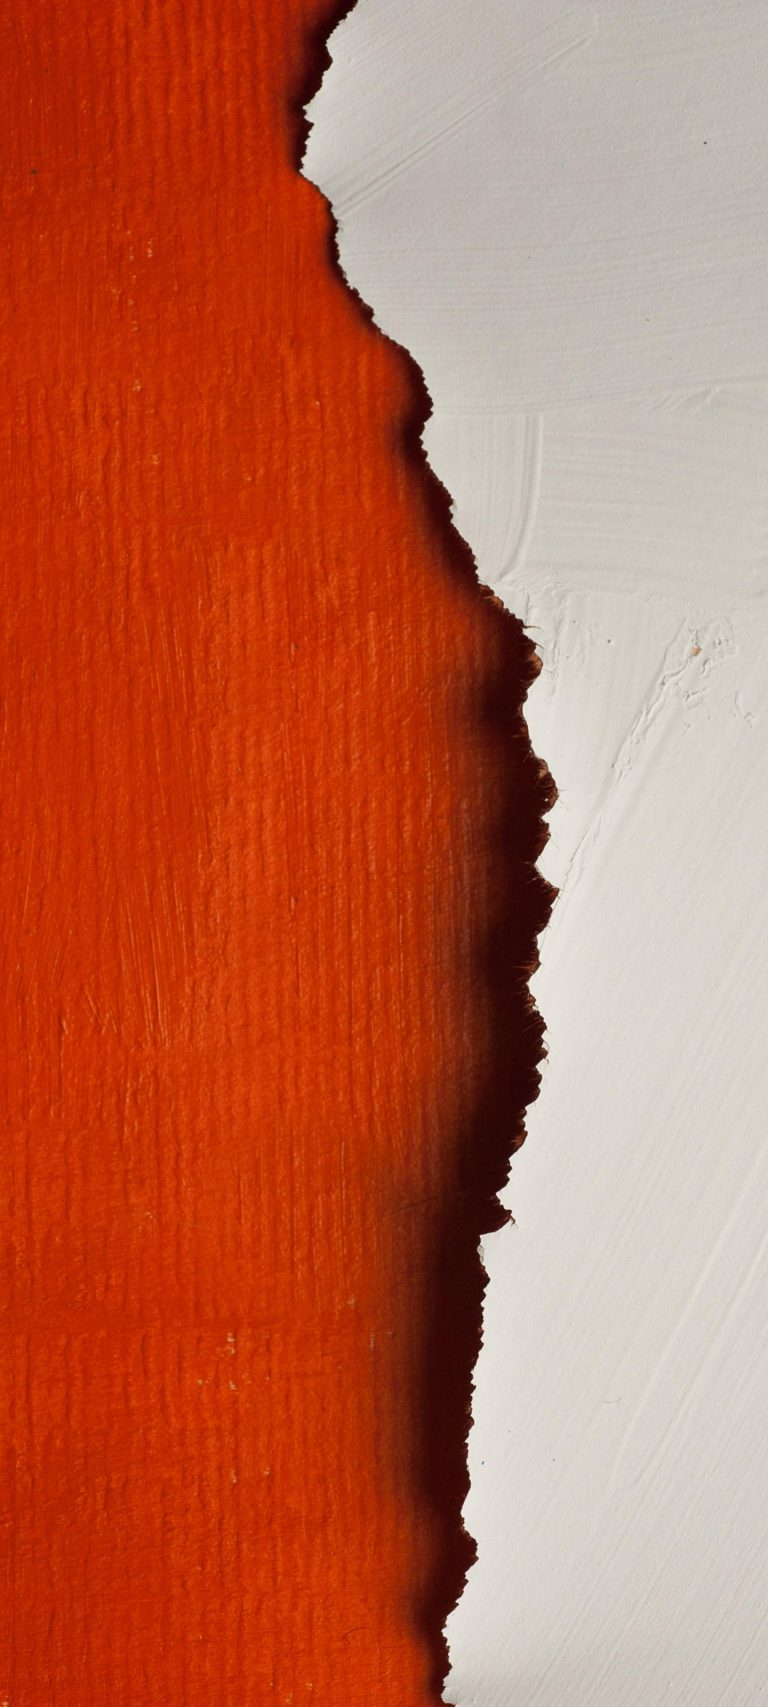 1440x3200 HD Wallpaper 118 768x1707 - 1440x3200 HD Wallpaper - 118